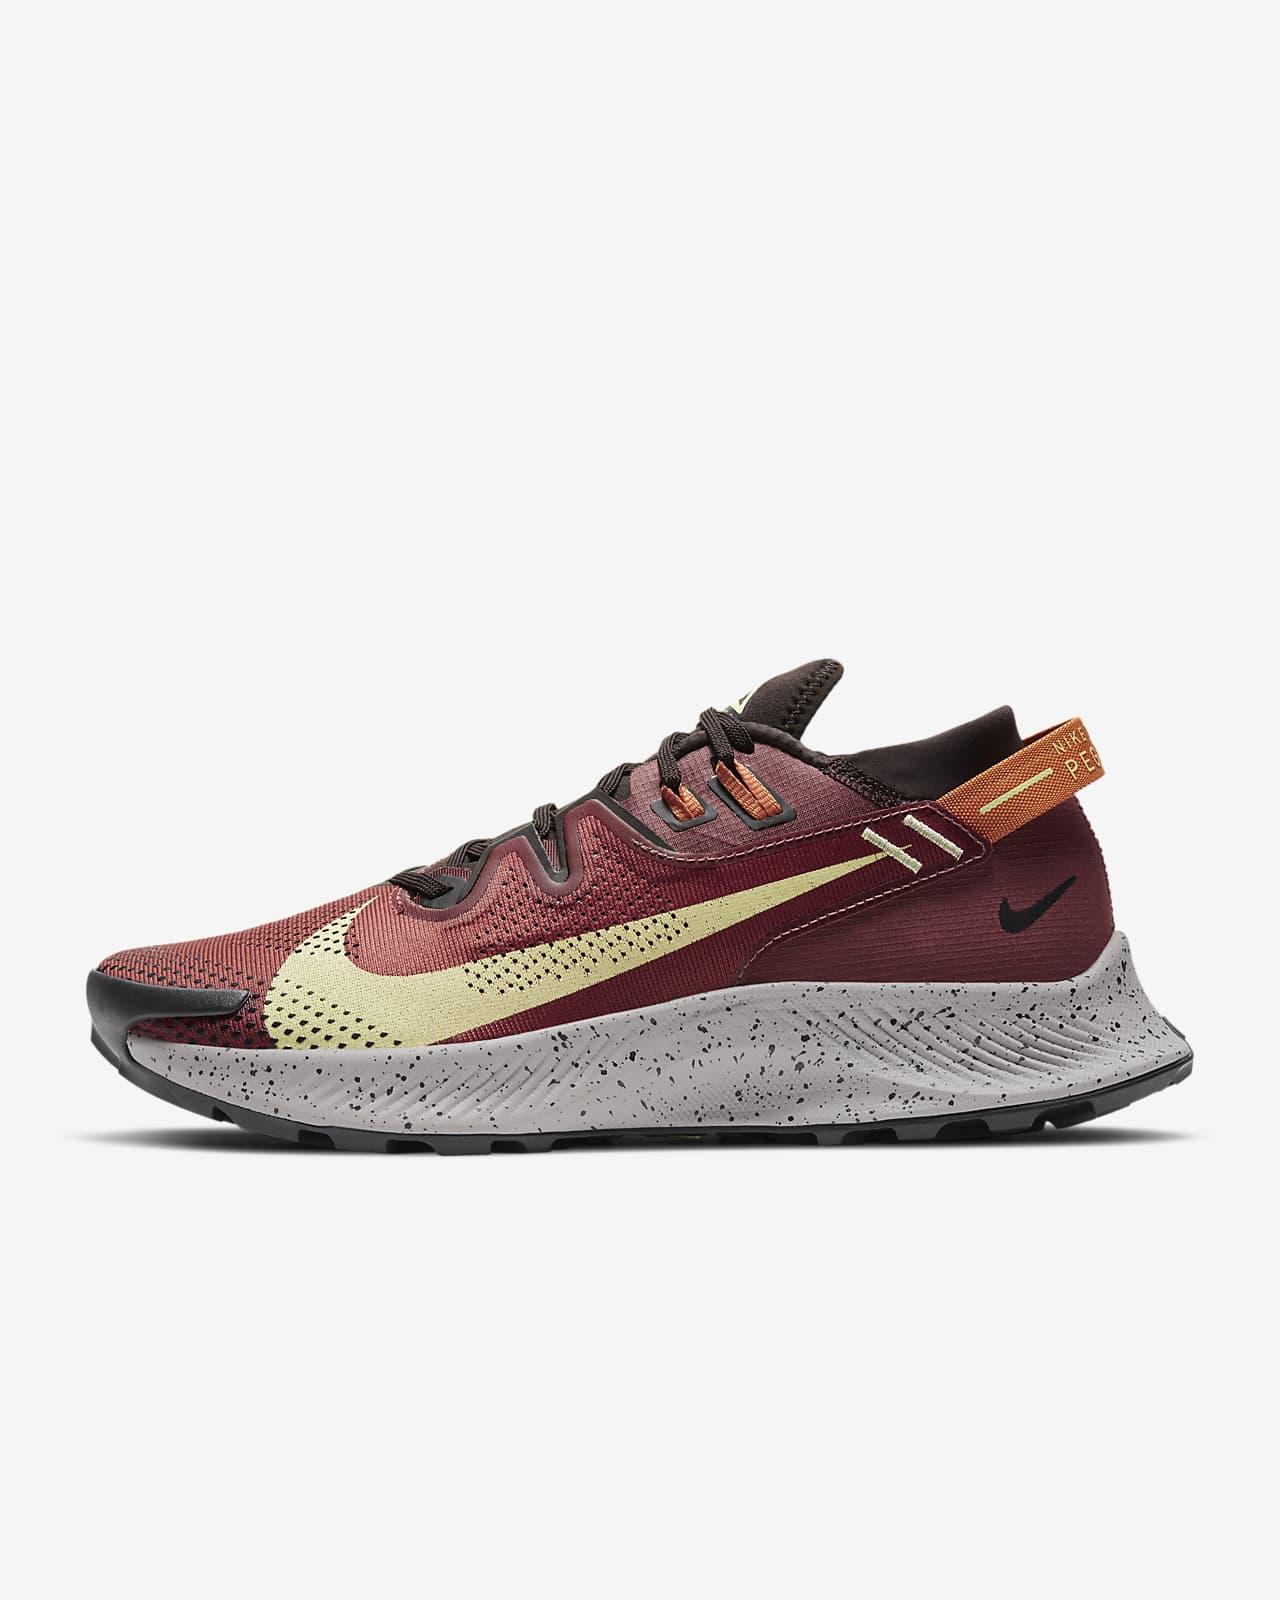 Ανδρικό παπούτσι για τρέξιμο σε ανώμαλο δρόμο Nike Pegasus Trail 2